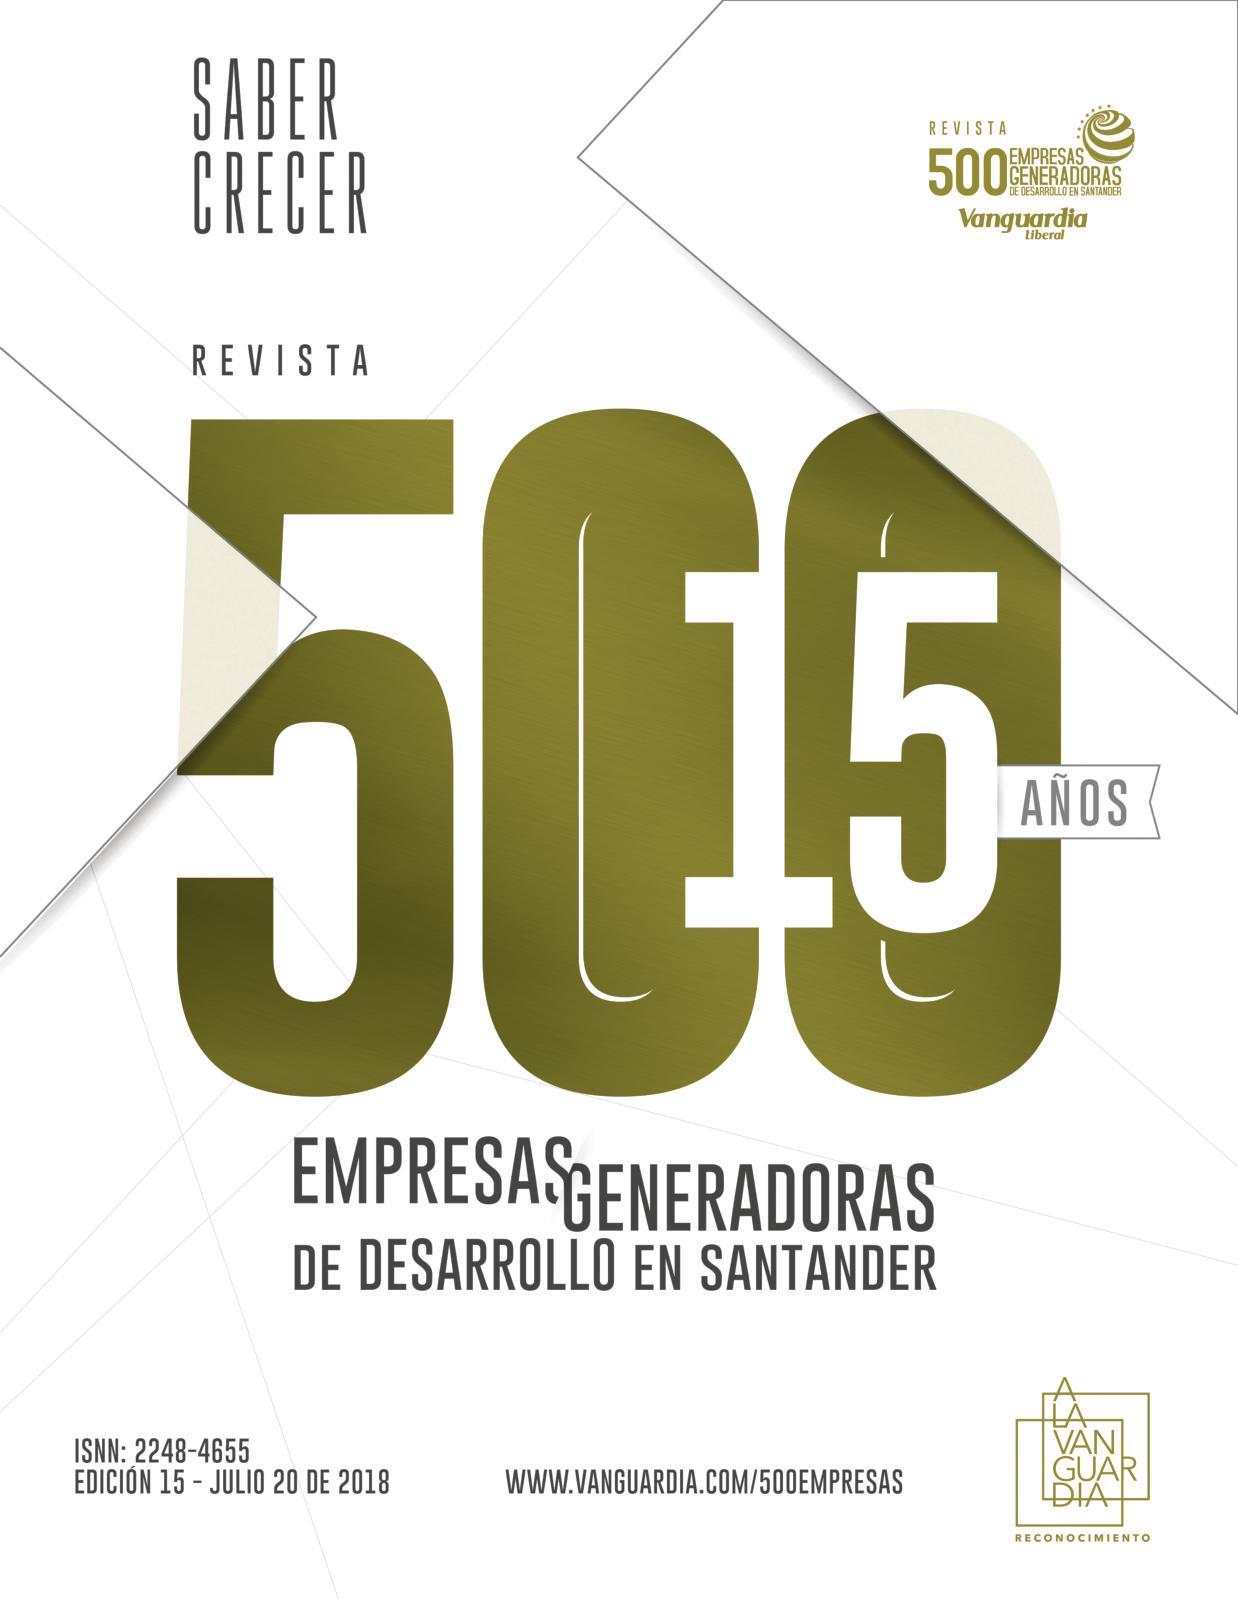 Calaméo - 500 empresas generadoras de desarrollo en Santander - 2018 298585c7d4633